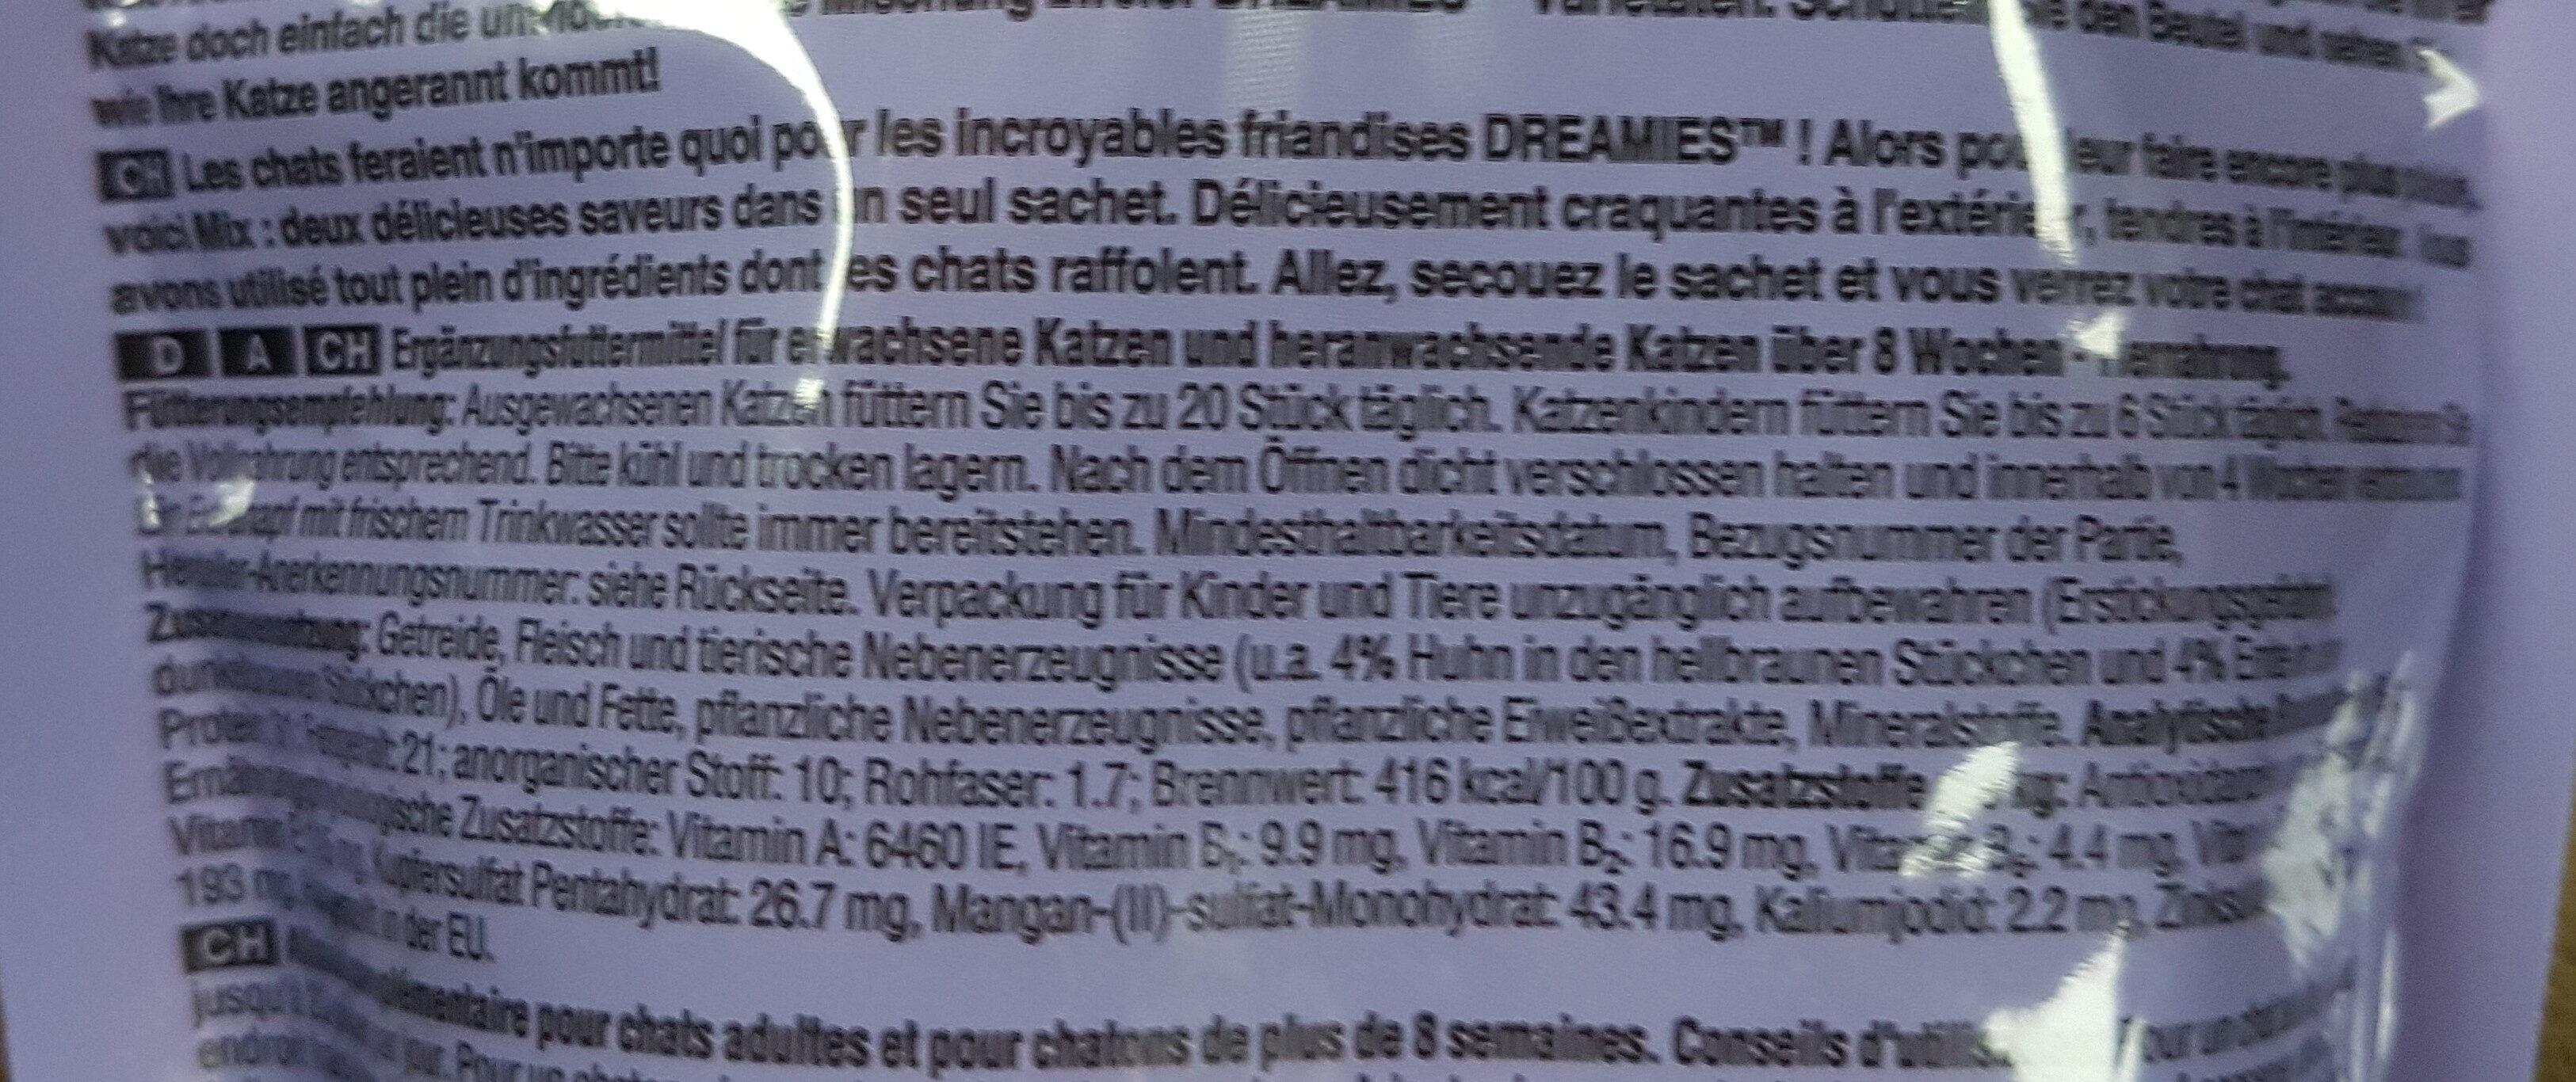 Dreamies Mix mit Huhn und Ente - Ingredients - de